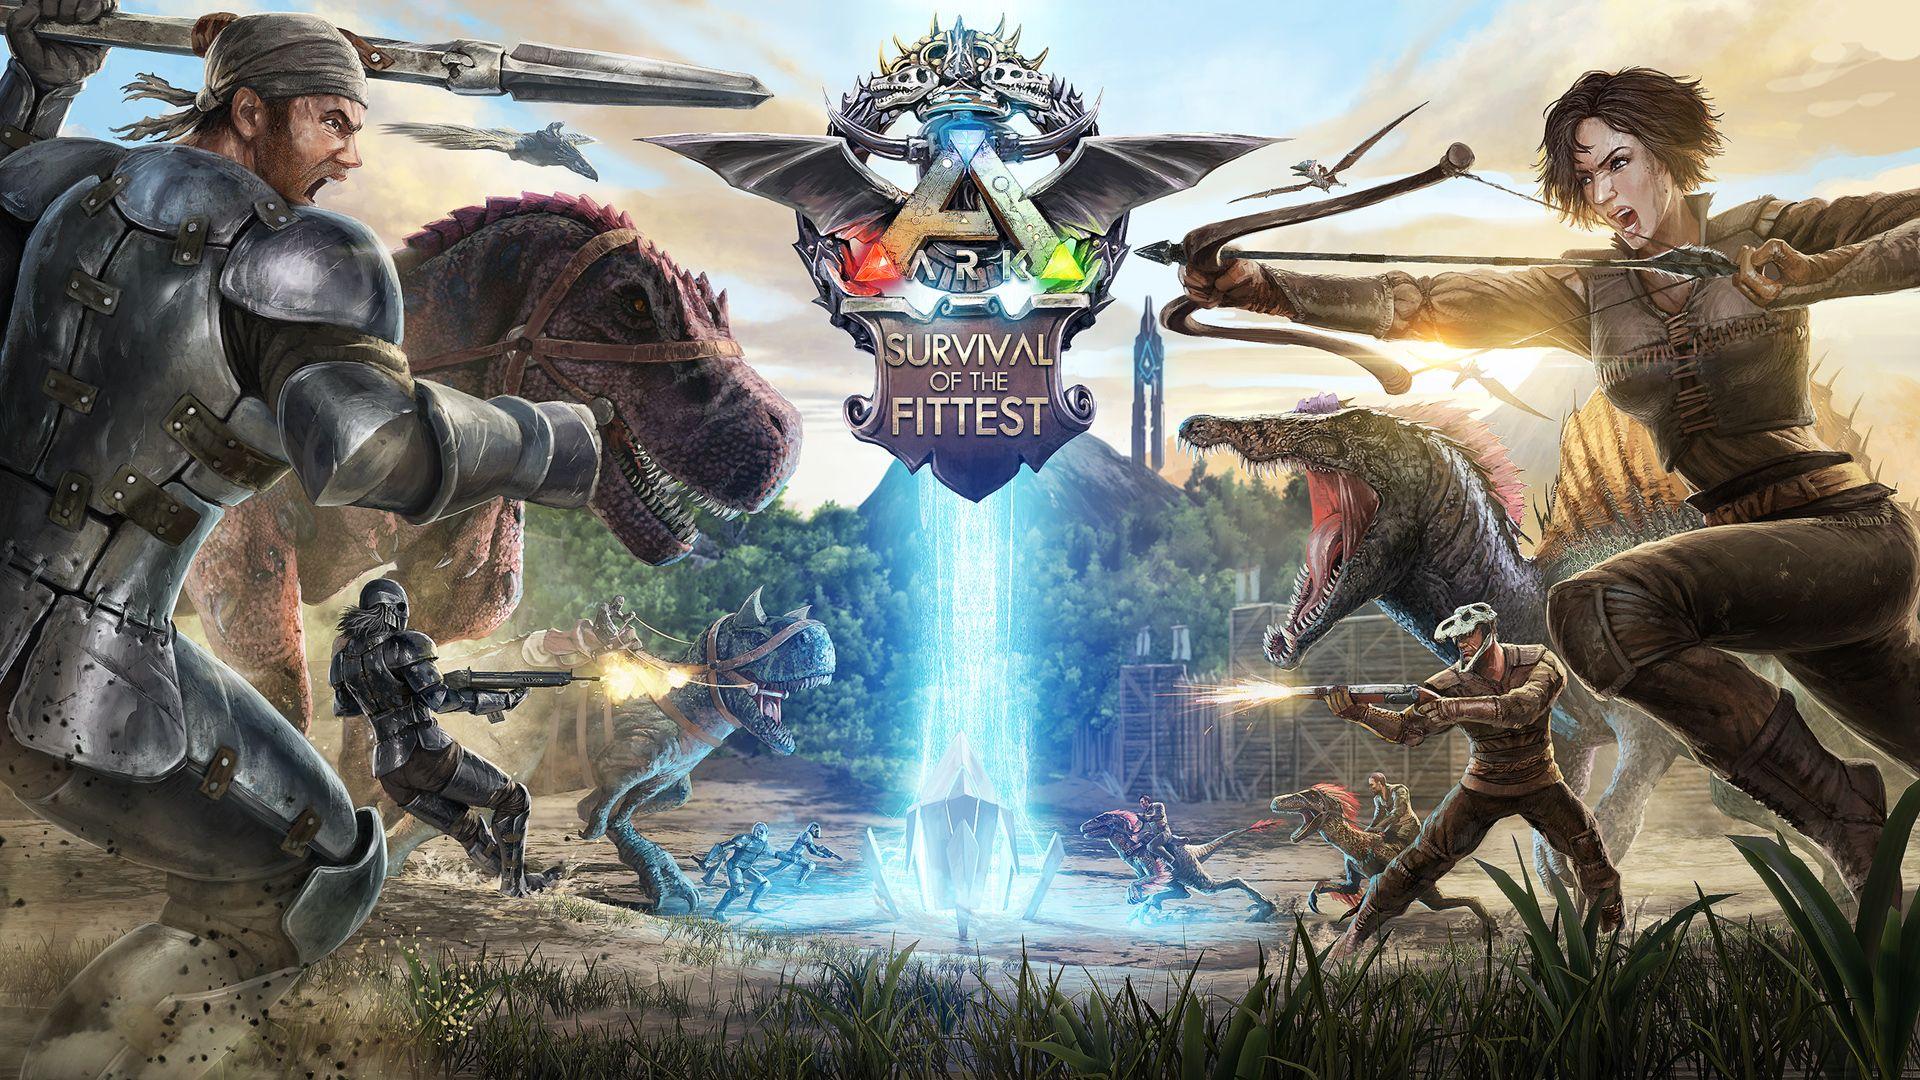 ARK+Survival+of+the+Fittest+sta+per+arrivare+su+PS4 | Ark